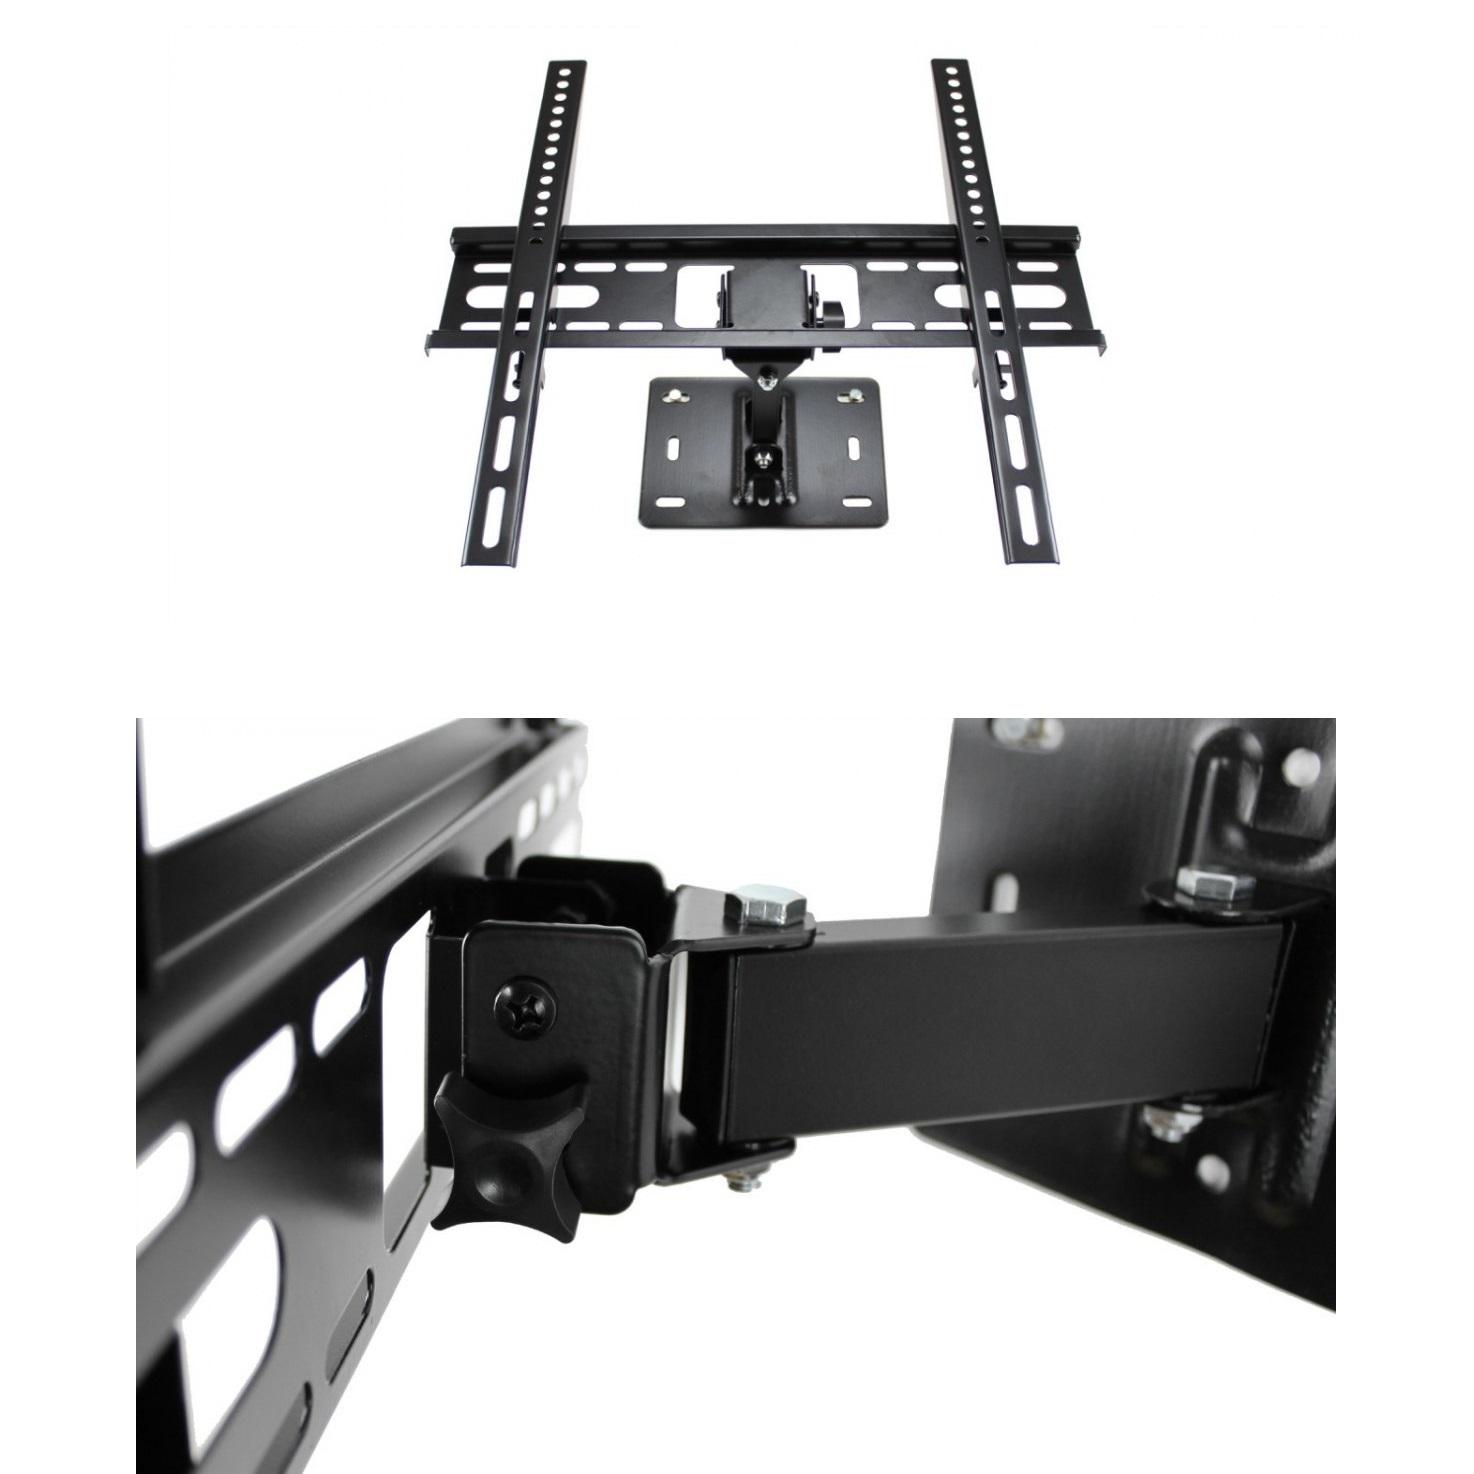 Ocelový robustní držák Tv na zeď Fiber Mounts FM049